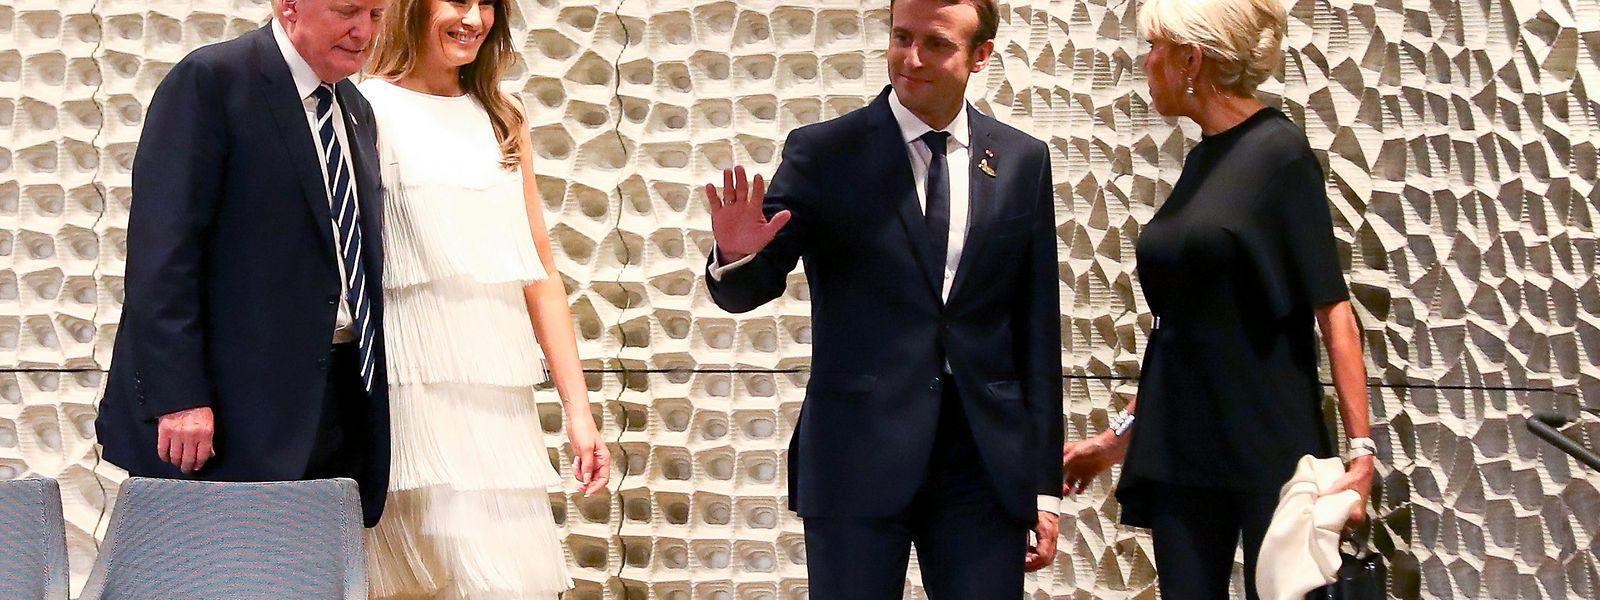 Ankunft im Konzert: Die Ehepaare Trump und Macron auf dem Weg zu ihren Plätzen.